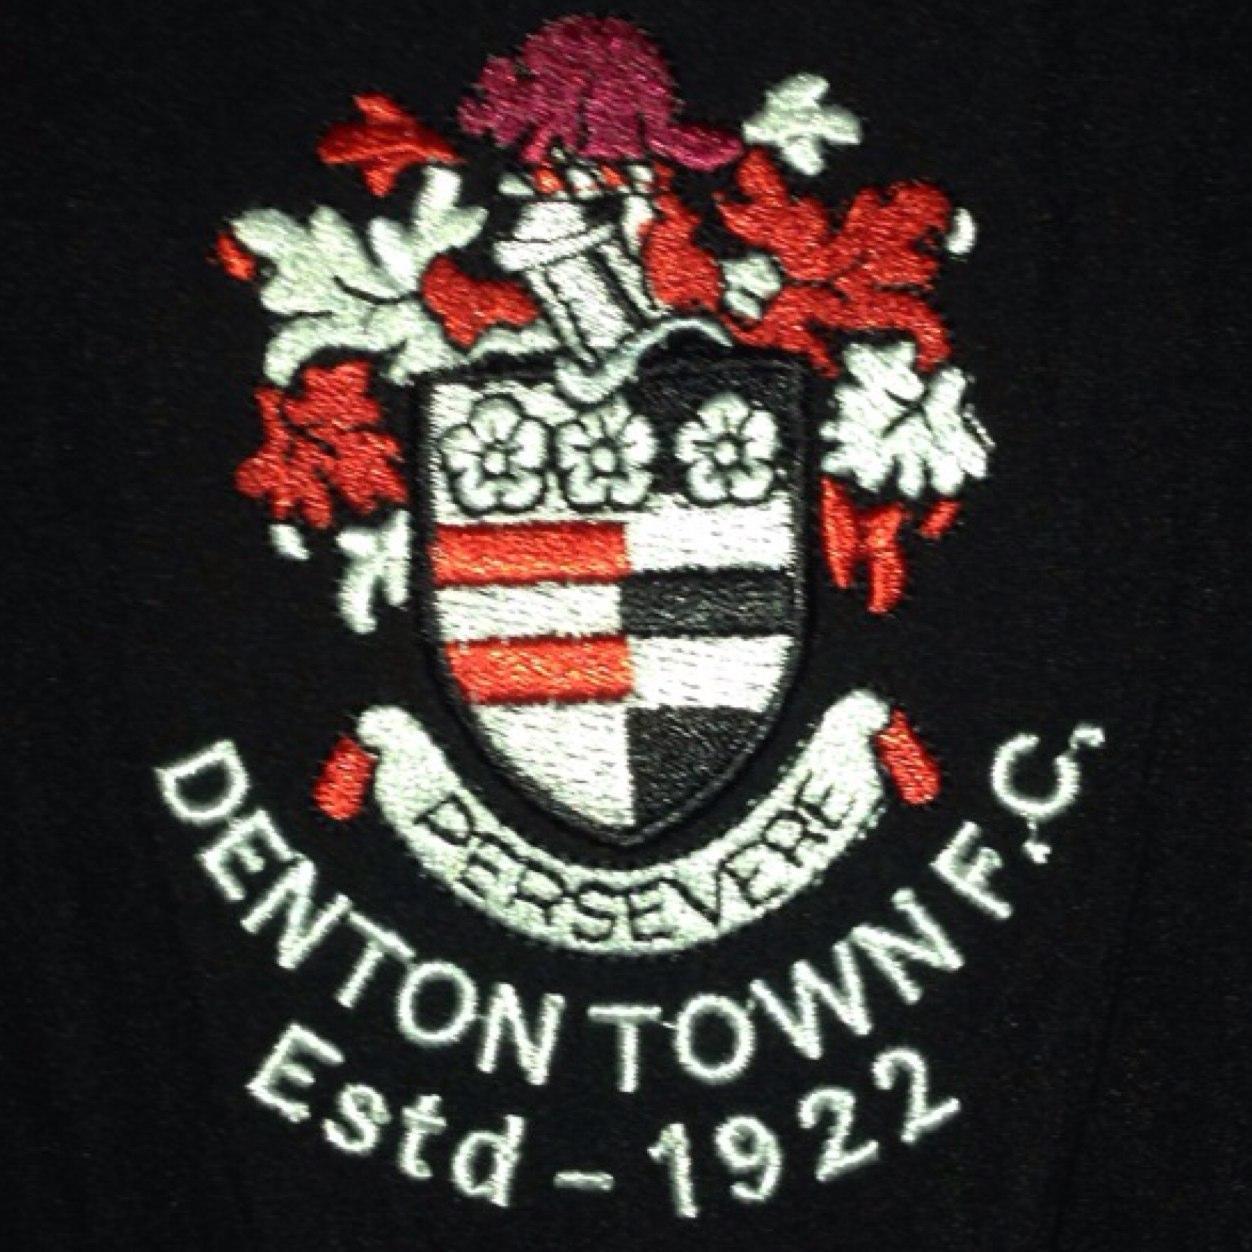 Image result for dentonfc